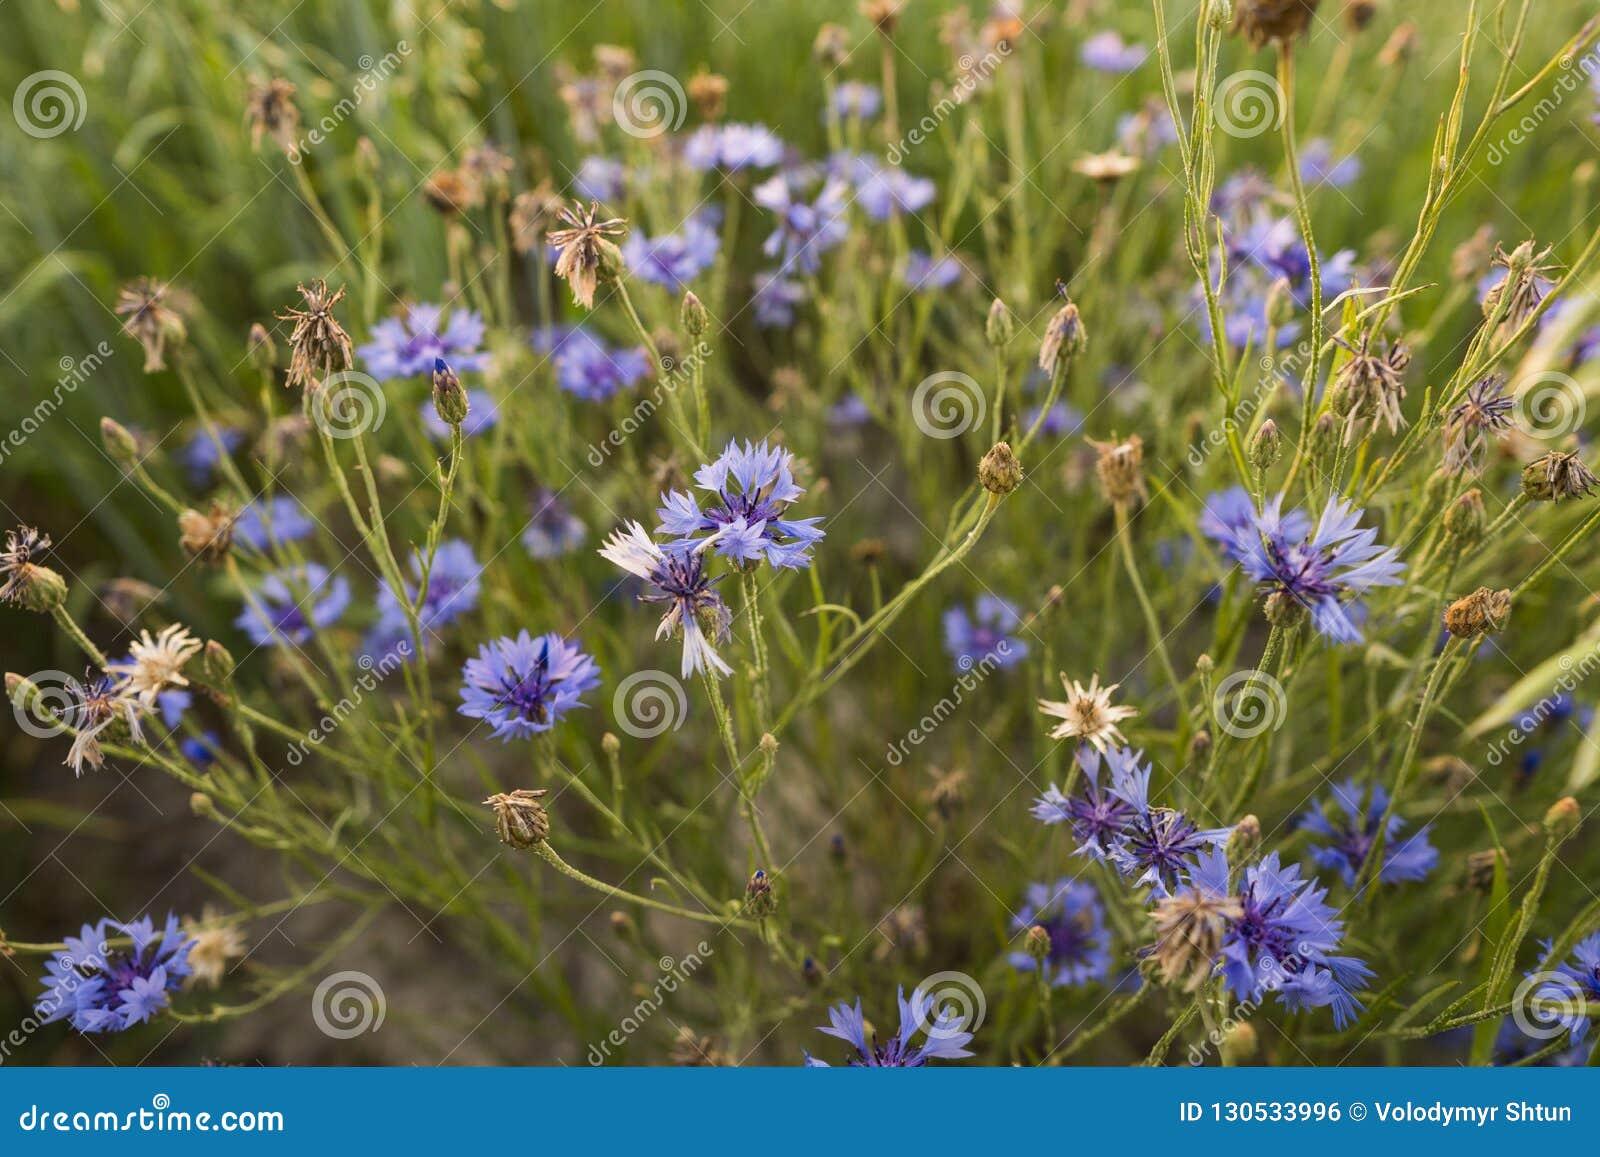 Summer field flowers in the field cornflower.